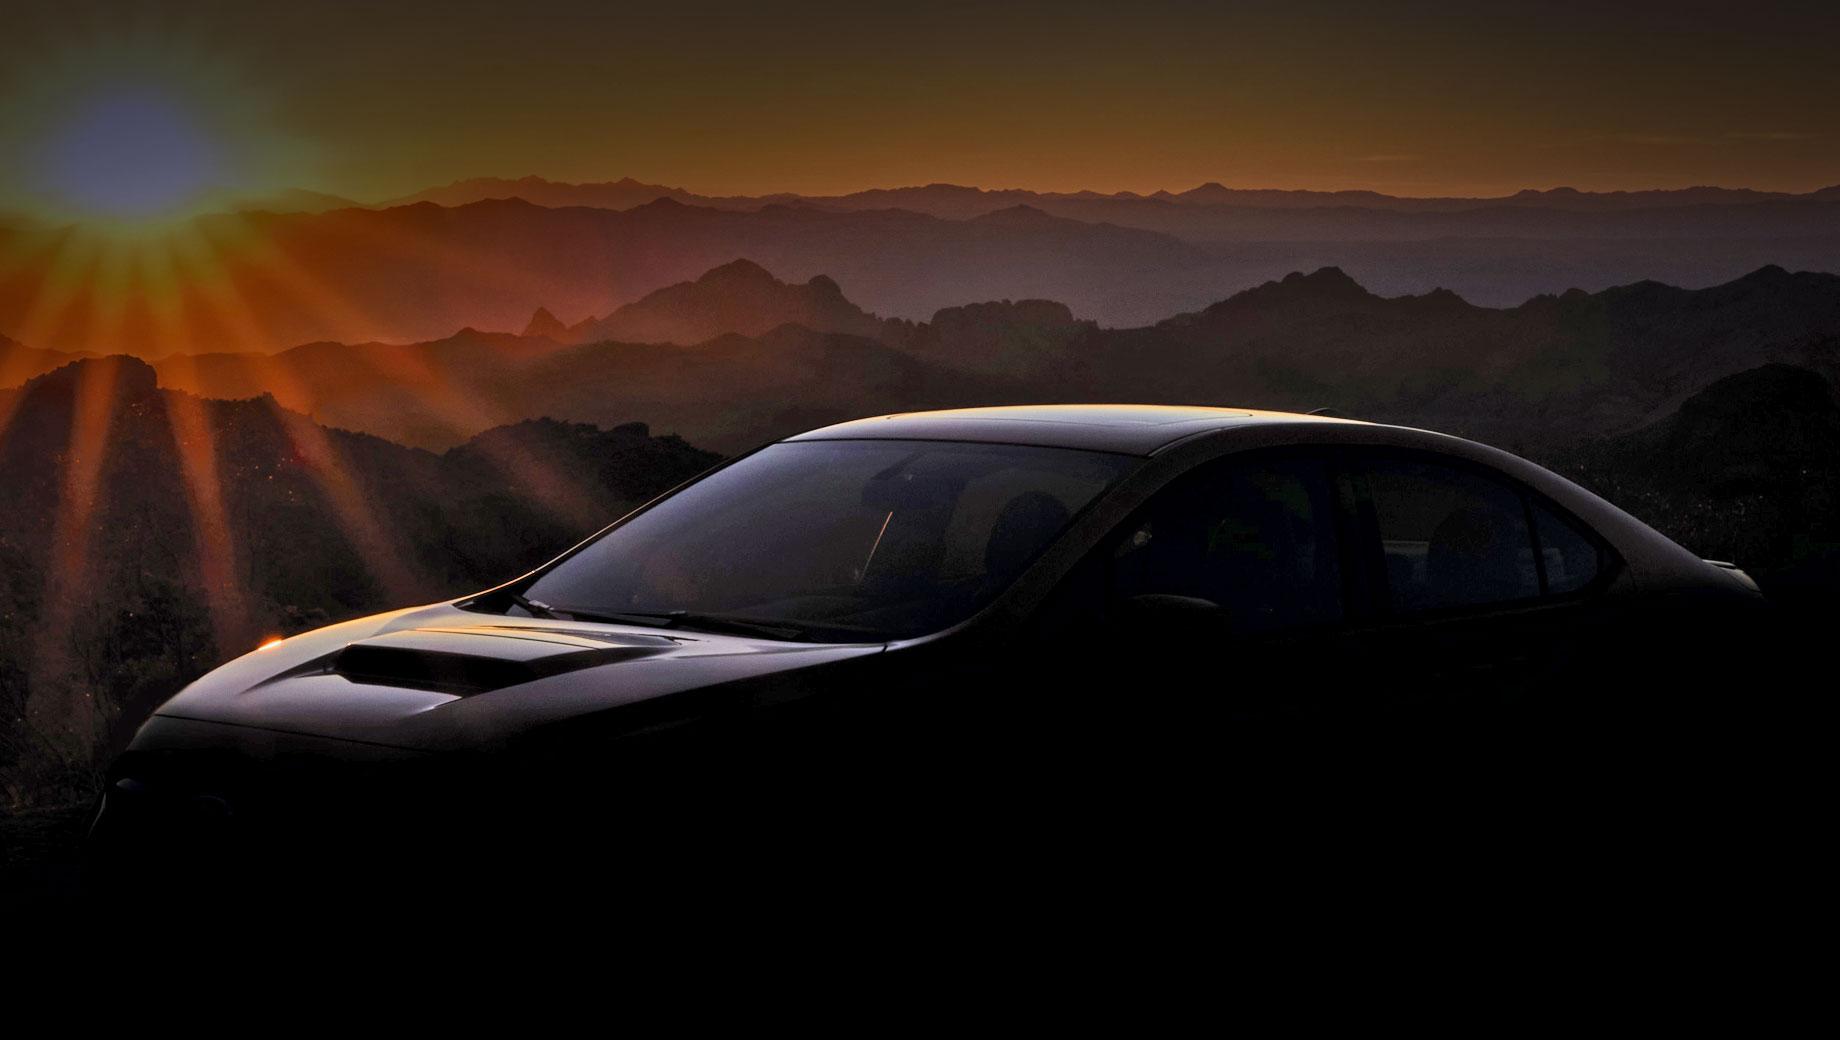 Subaru wrx. Новая четырёхдверка продвигается под сомнительным девизом «Только легенды становятся сильнее». Ничего, кроме воздухозаборника на капоте, не видно даже при высветлении тизера. Поэтому кажется, что перед нами результат не очень глубокого рестайлинга.